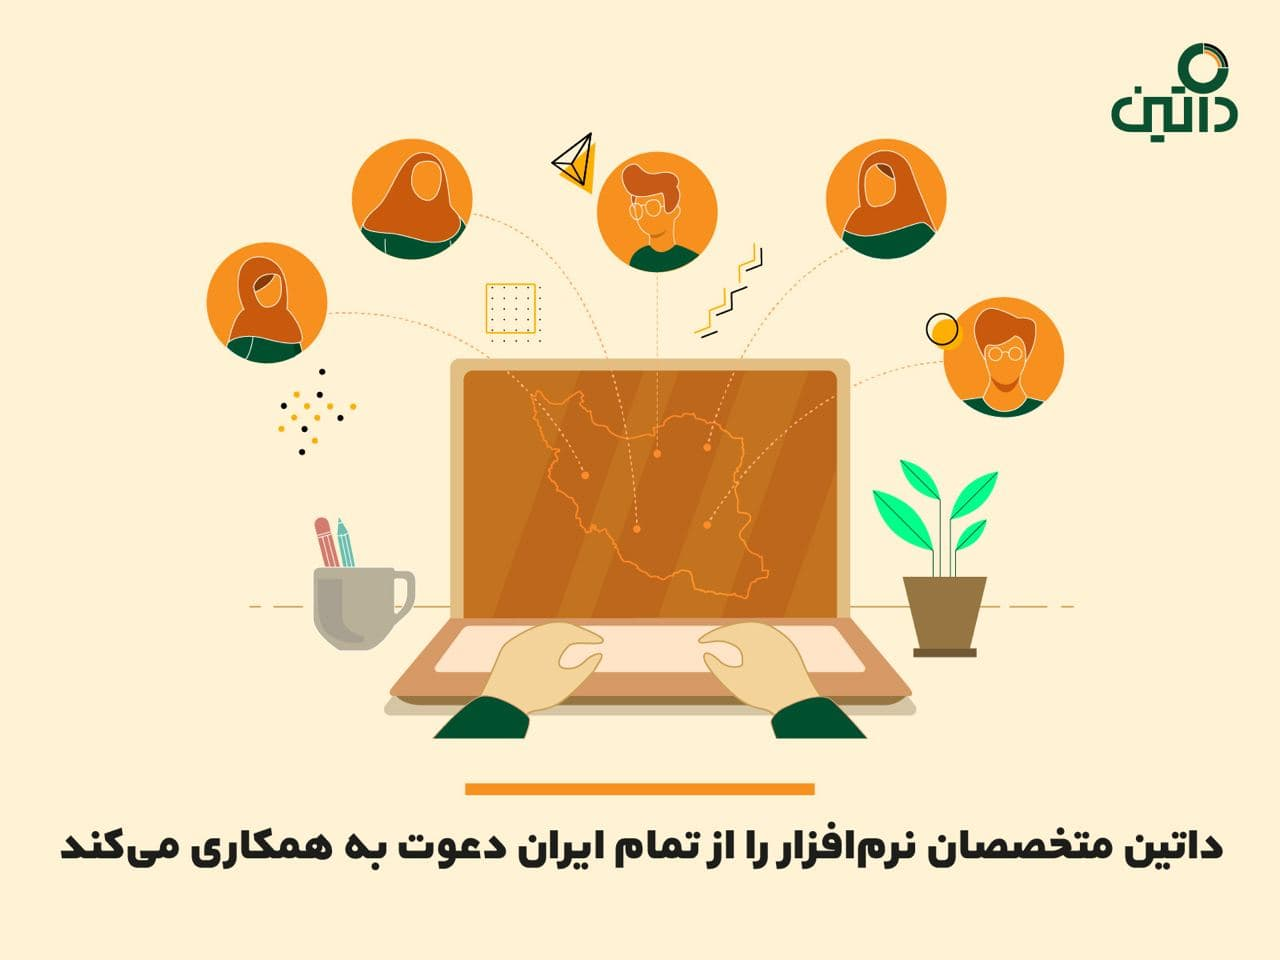 داتین متخصصان نرمافزار را از تمام ایران دعوت به همکاری میکند